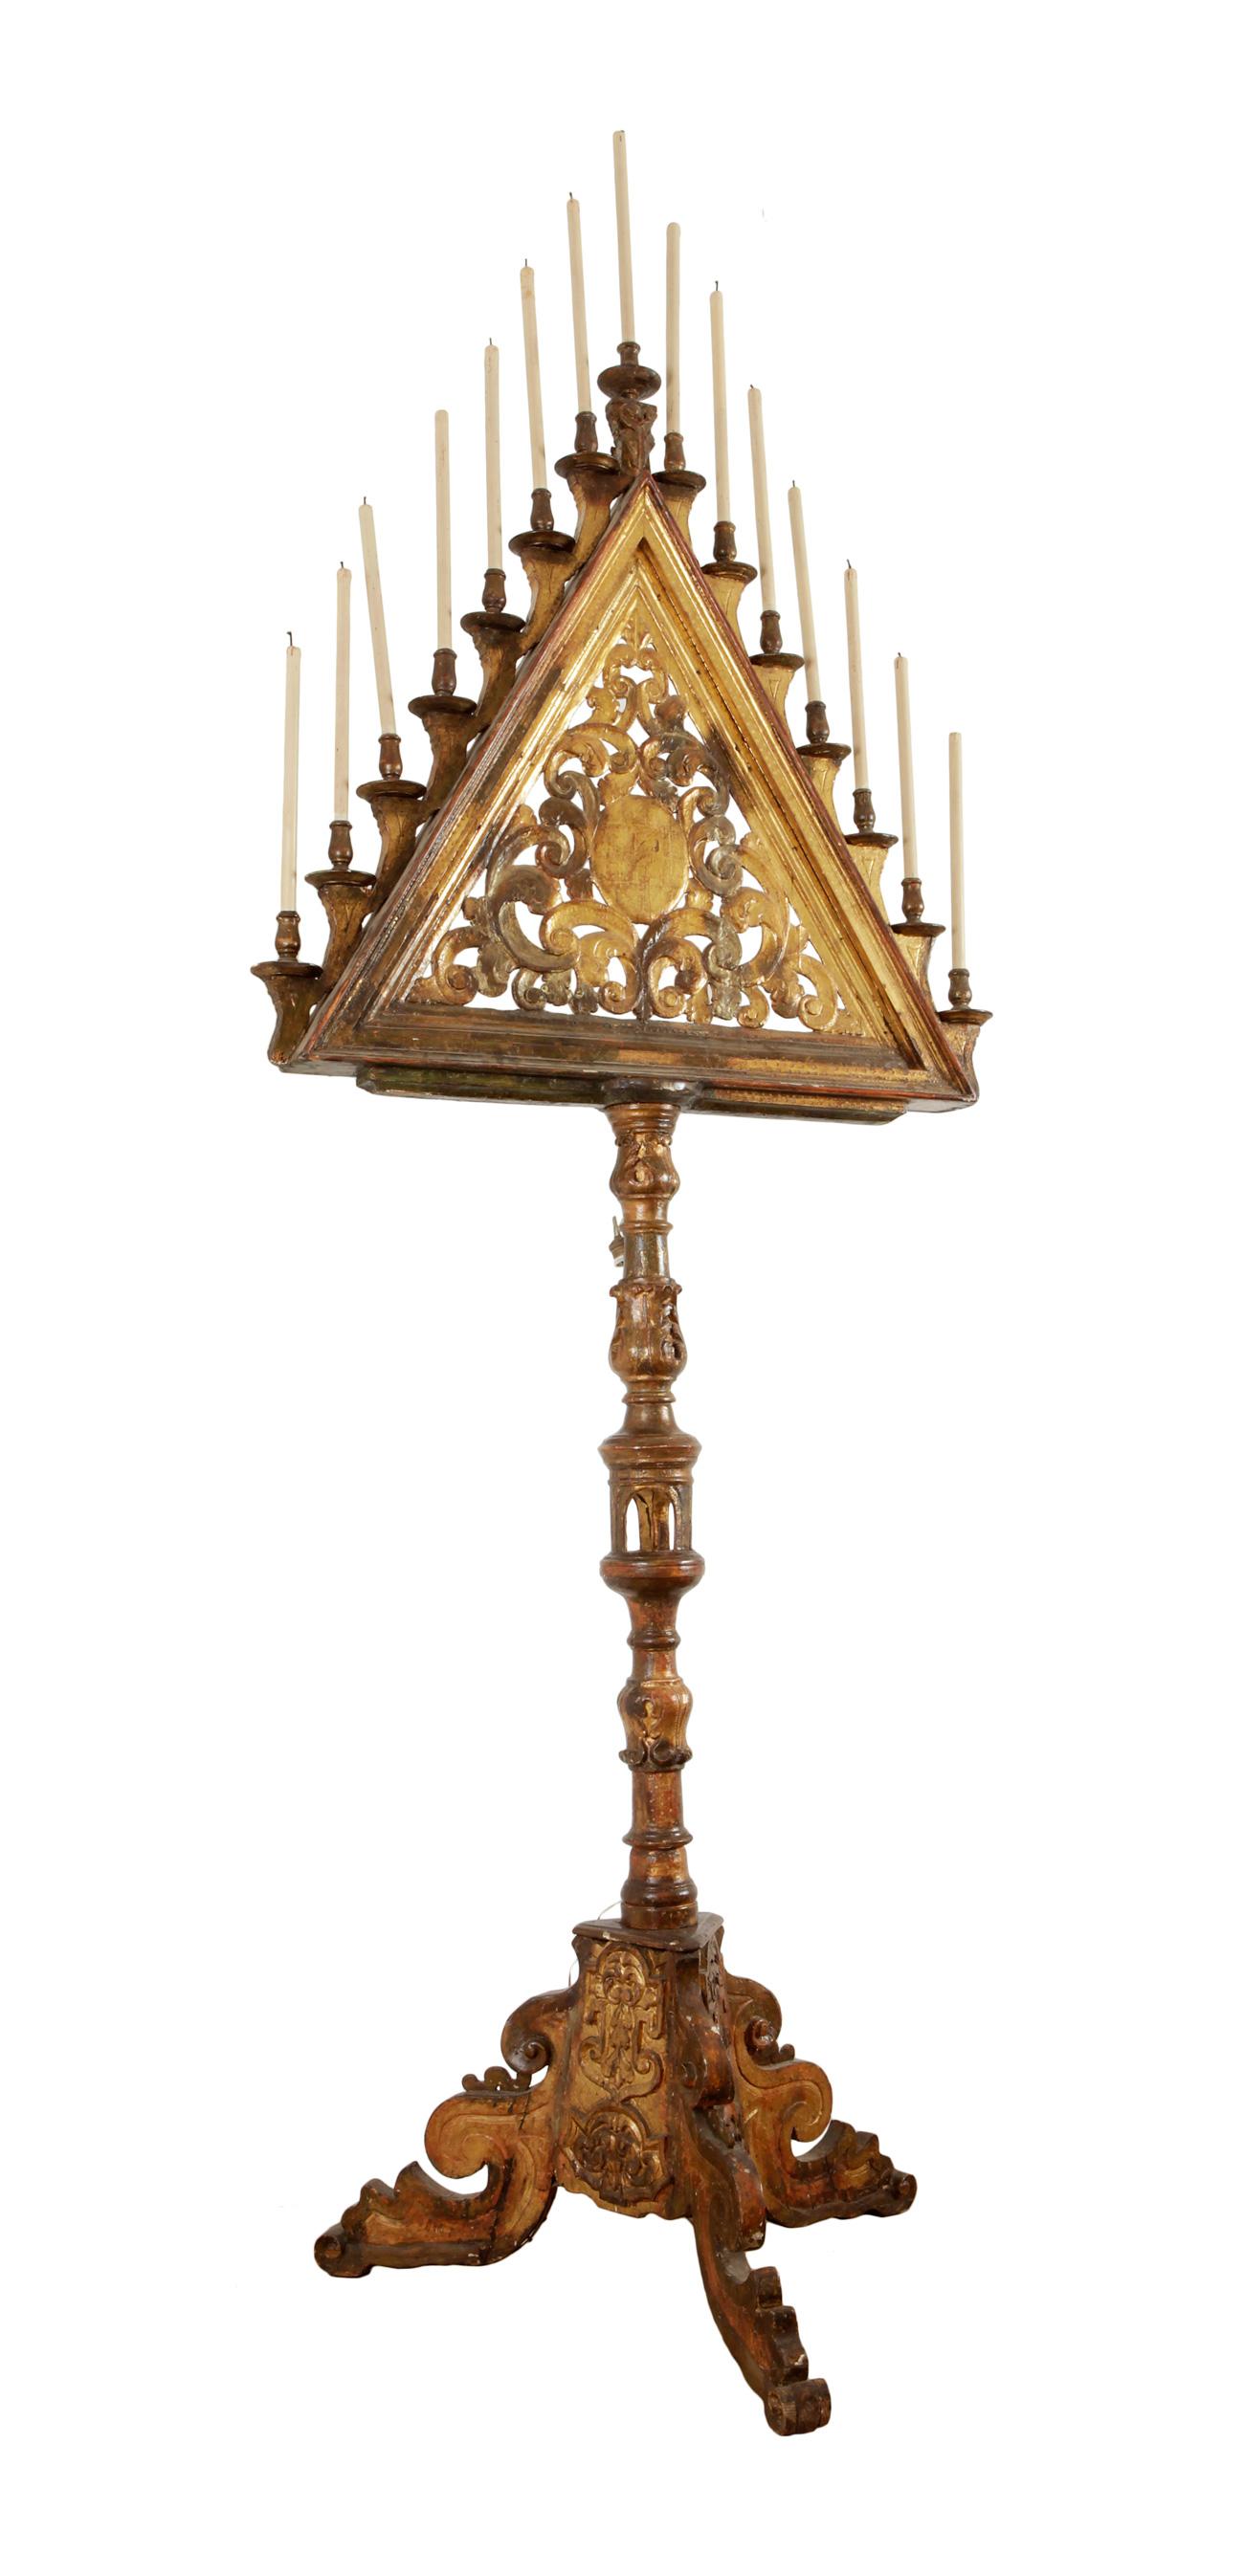 Candelabro barroco; España, siglo XVII.